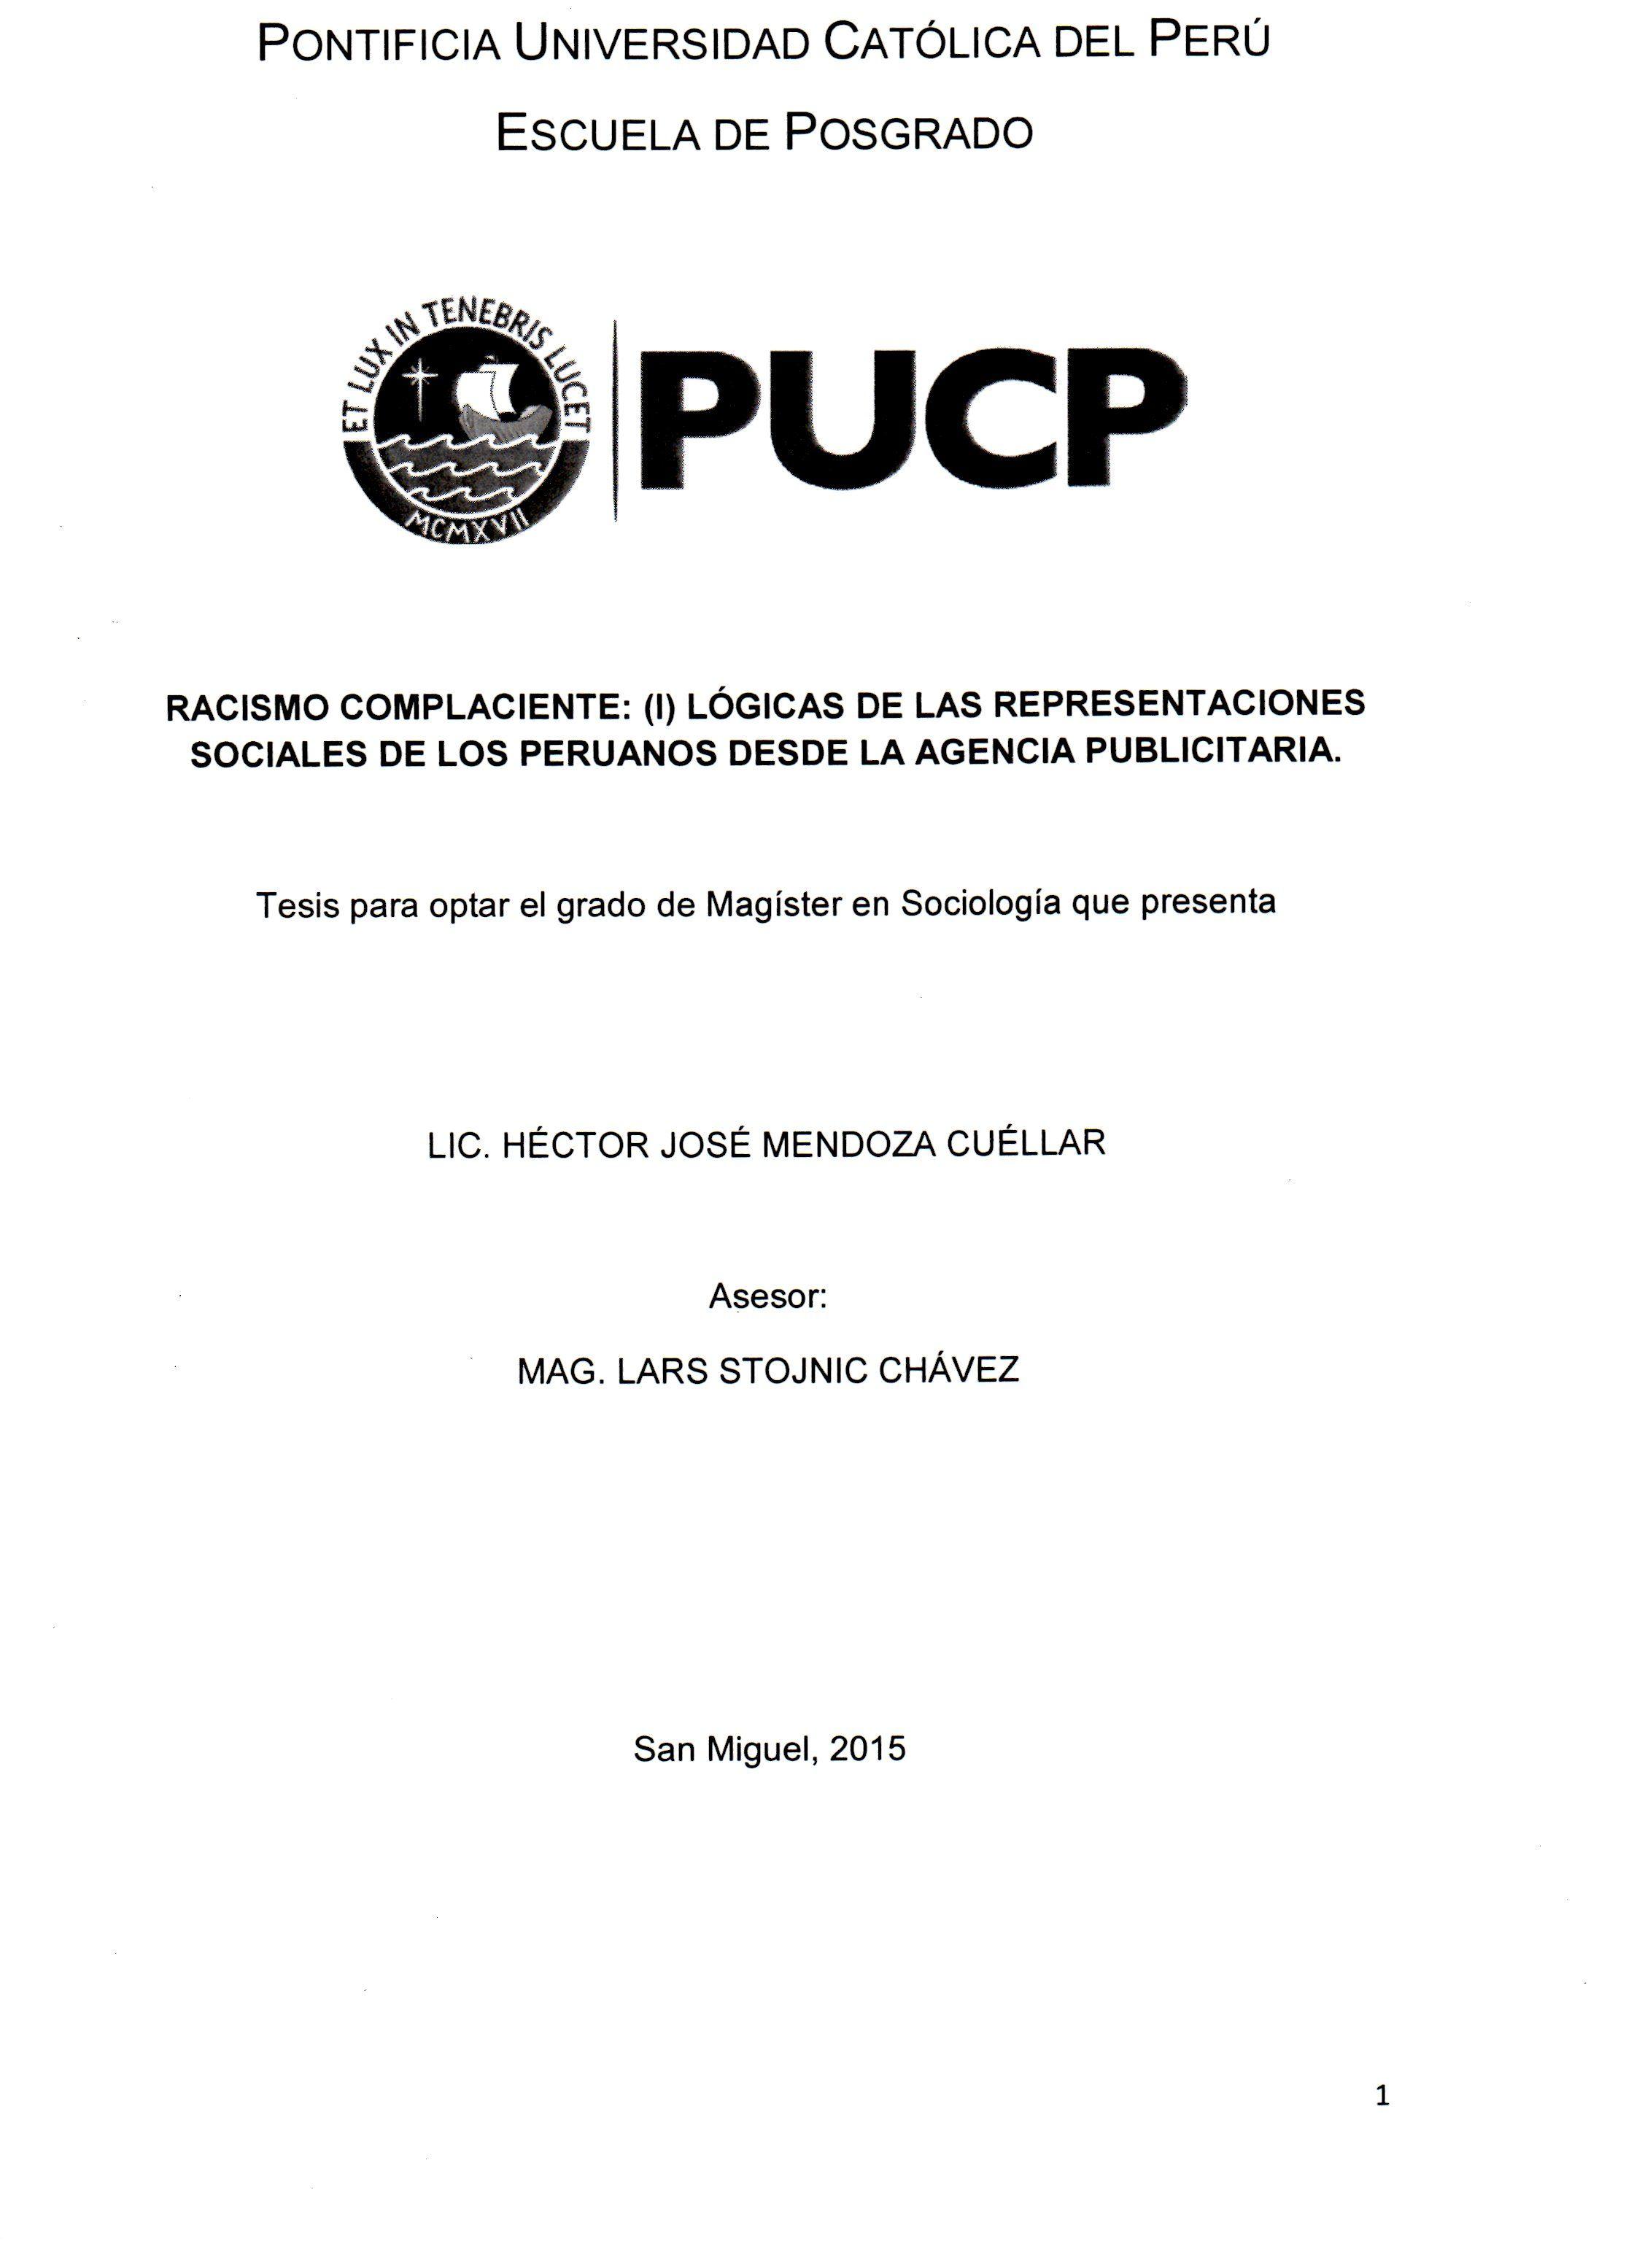 Racismo complaciente: (I) lógicas de las representaciones sociales de los peruanos desde la agencia publicitaria/ Héctor José Mendoza Cuéllar.(2015) / HT 1521 M42